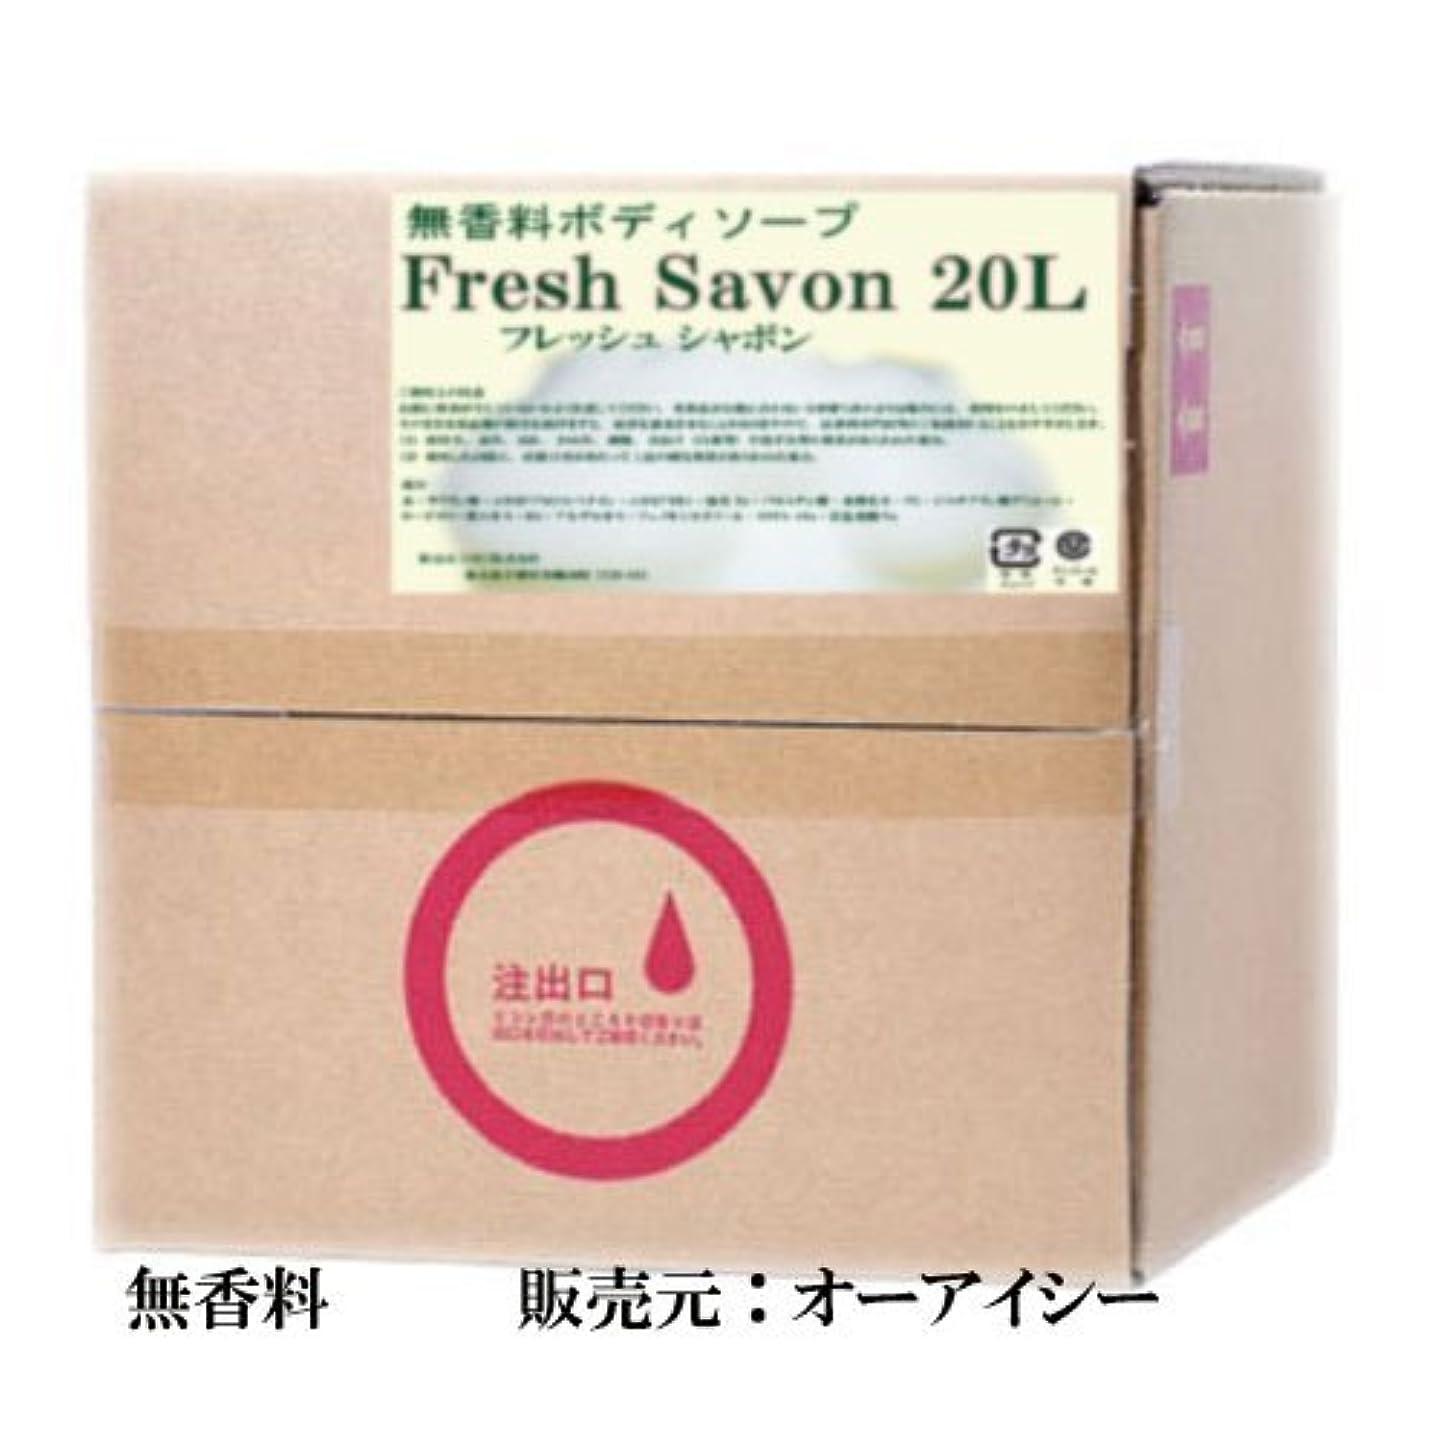 マウントクラシックアルコーブ業務用 無香料 ボディソープ フレッシュシャボン 20L (販売元:オーアイシー) (ホワイト(コック付属))